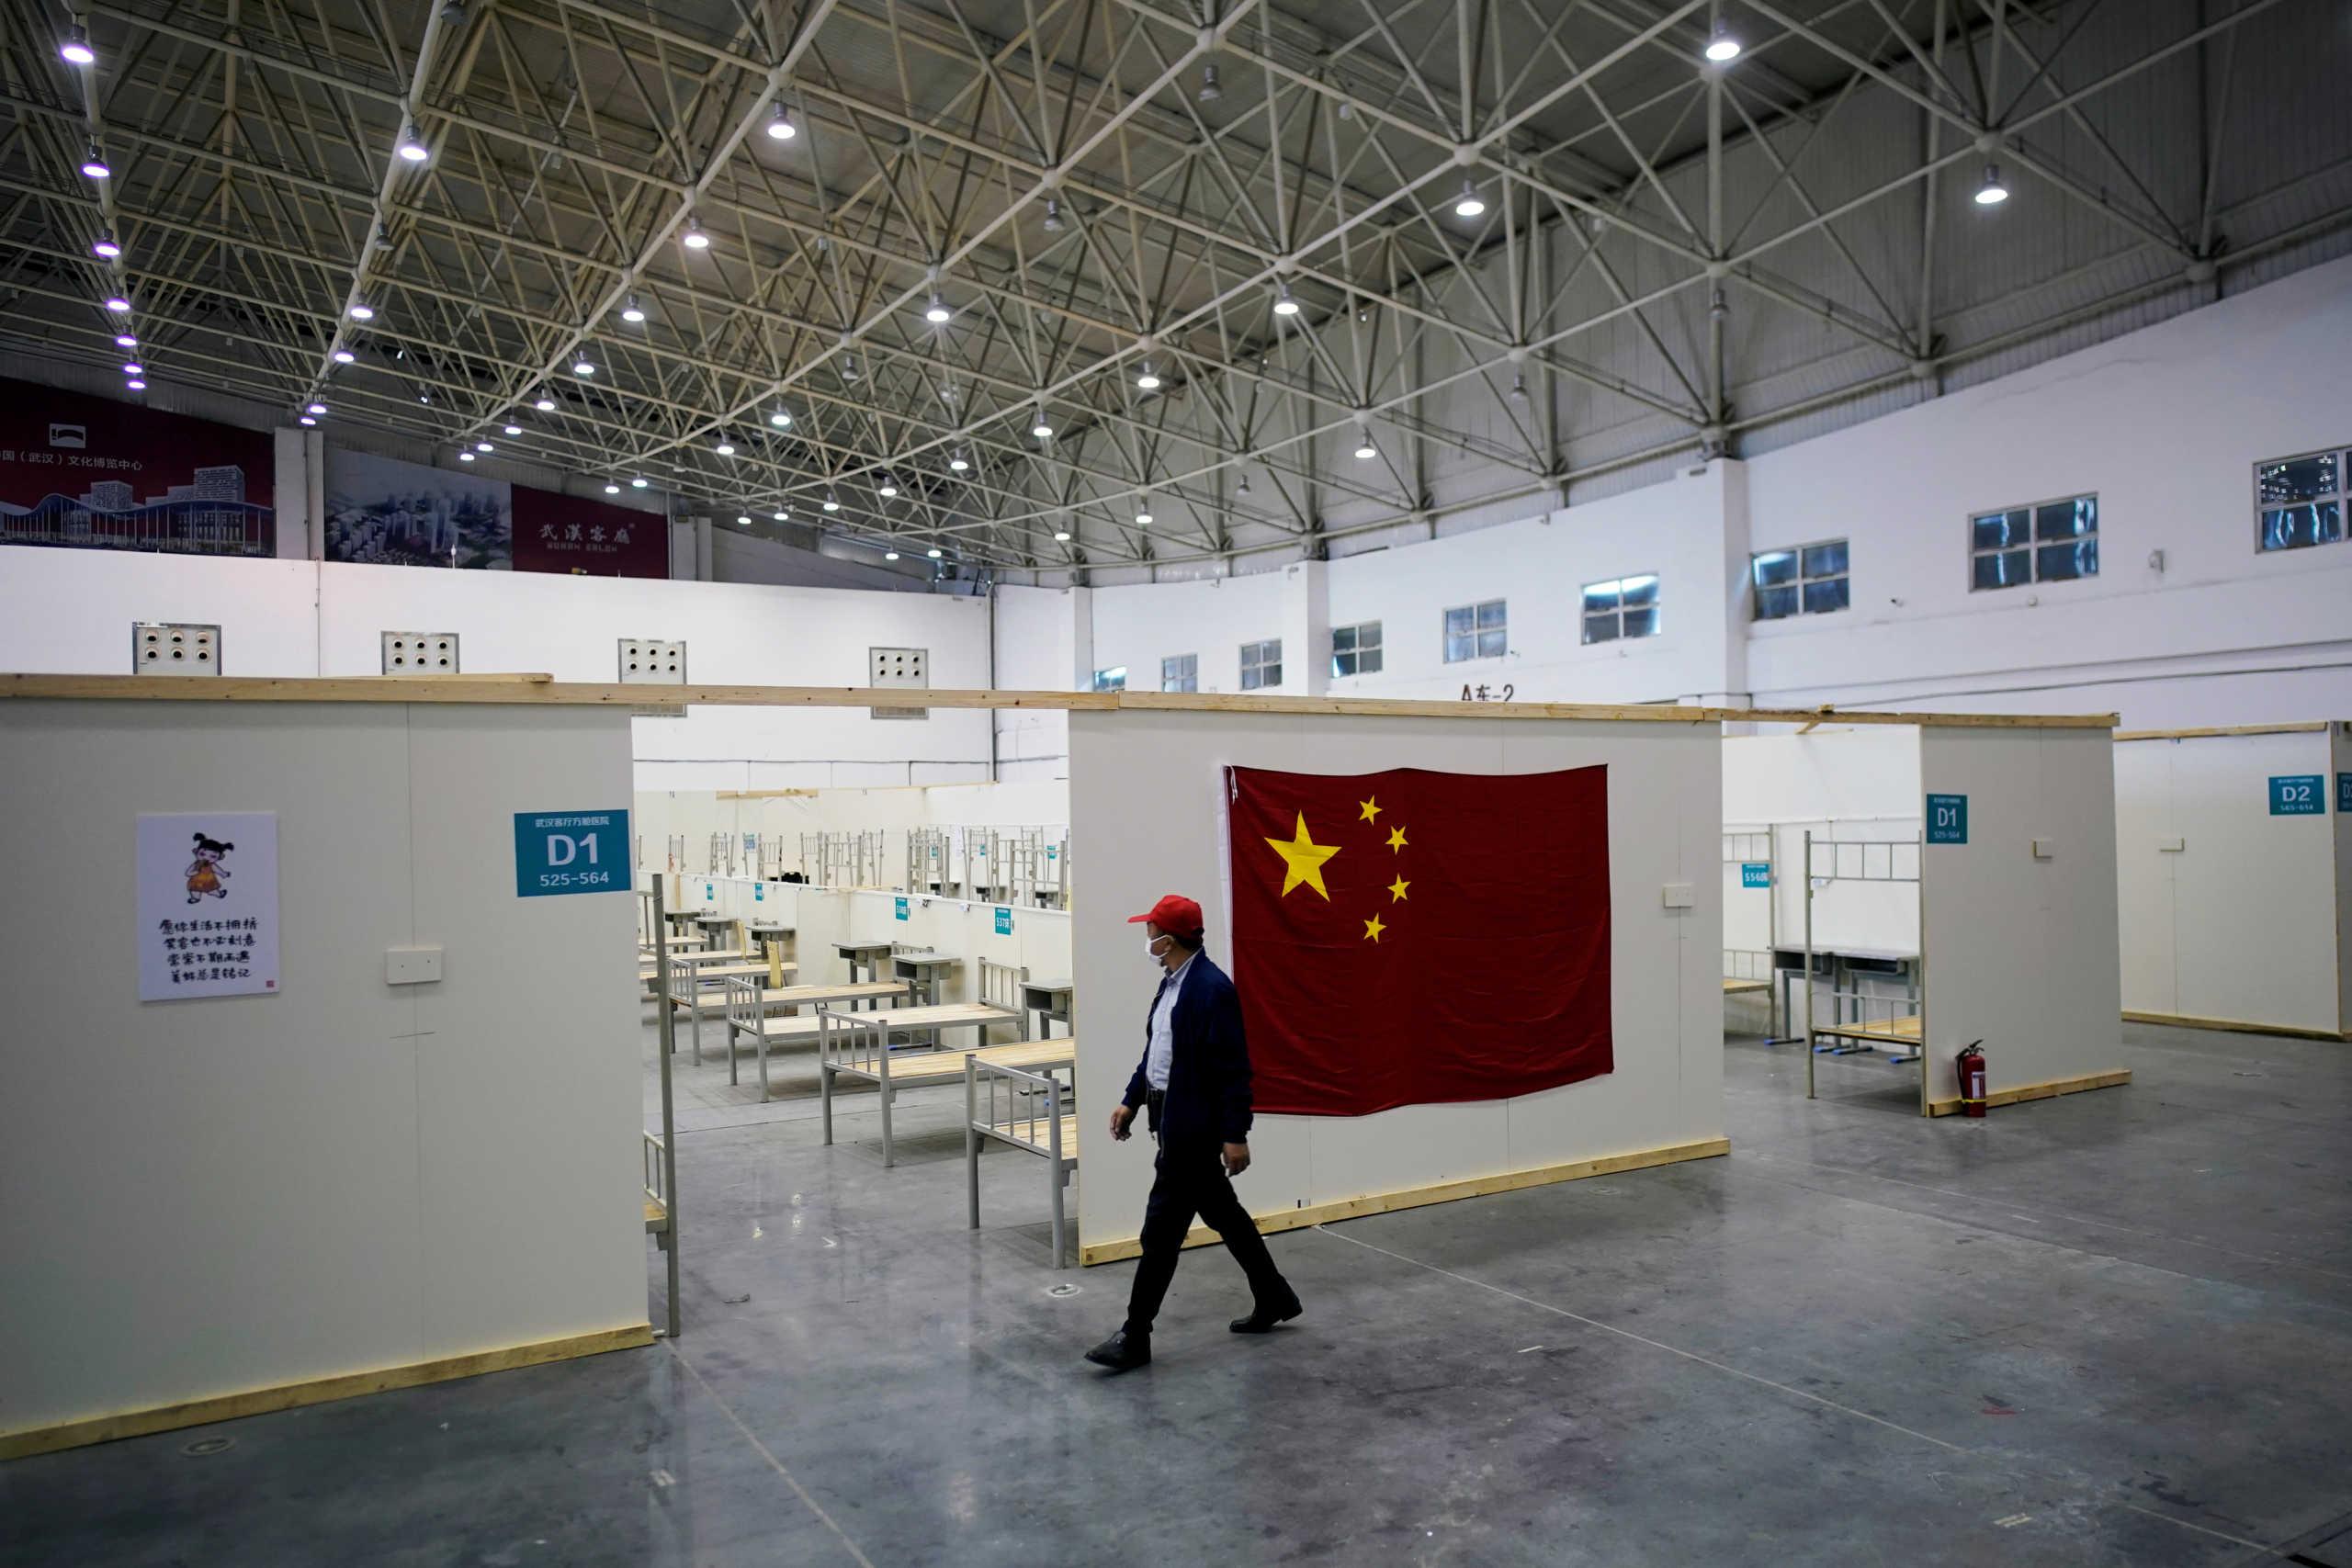 ΠΟΥ: Δεν ξέρουμε αν ο κορονοϊός ξεκίνησε από την Κίνα